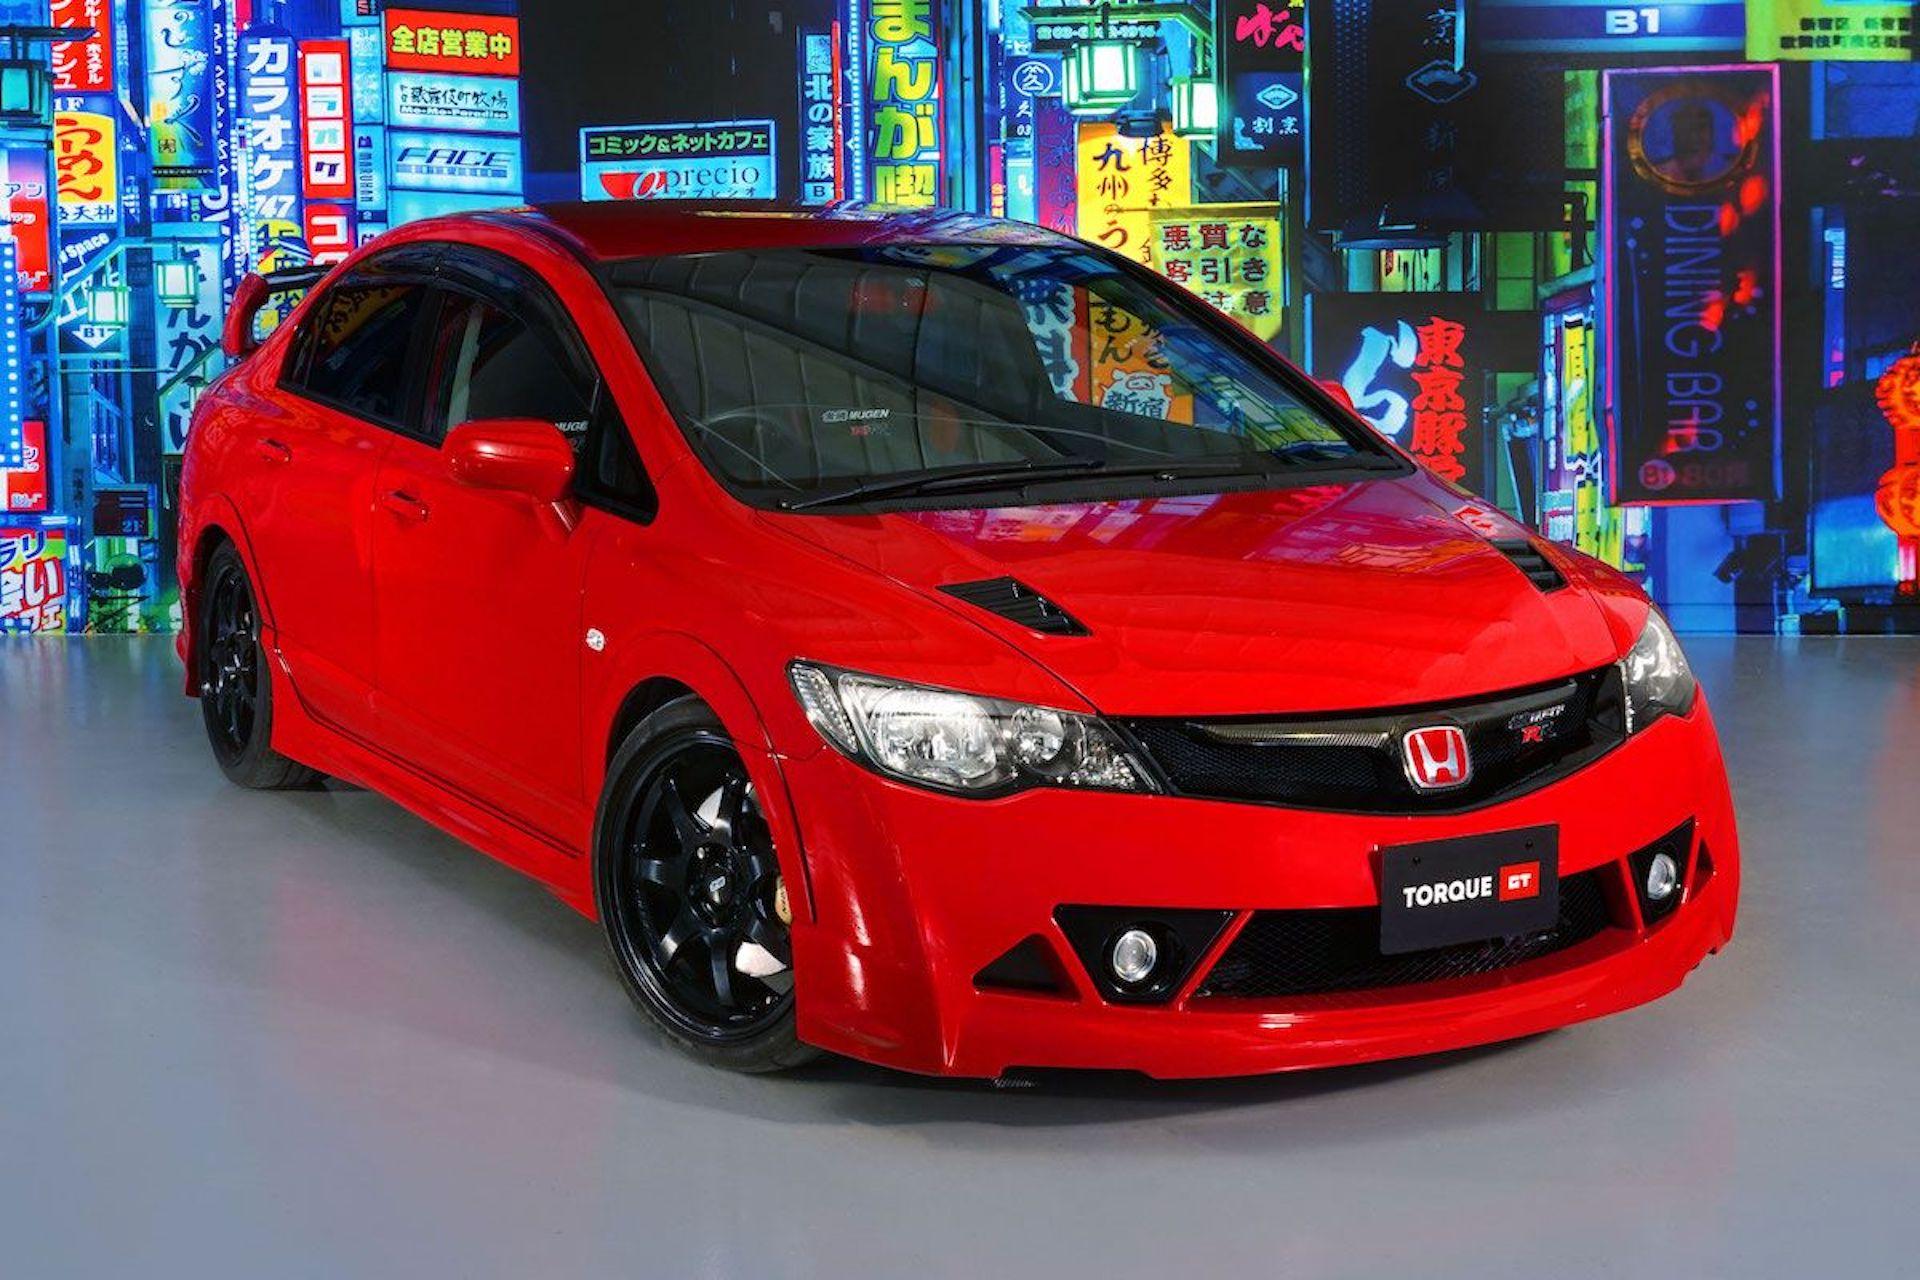 Honda-Civic-Mugen-RR-2